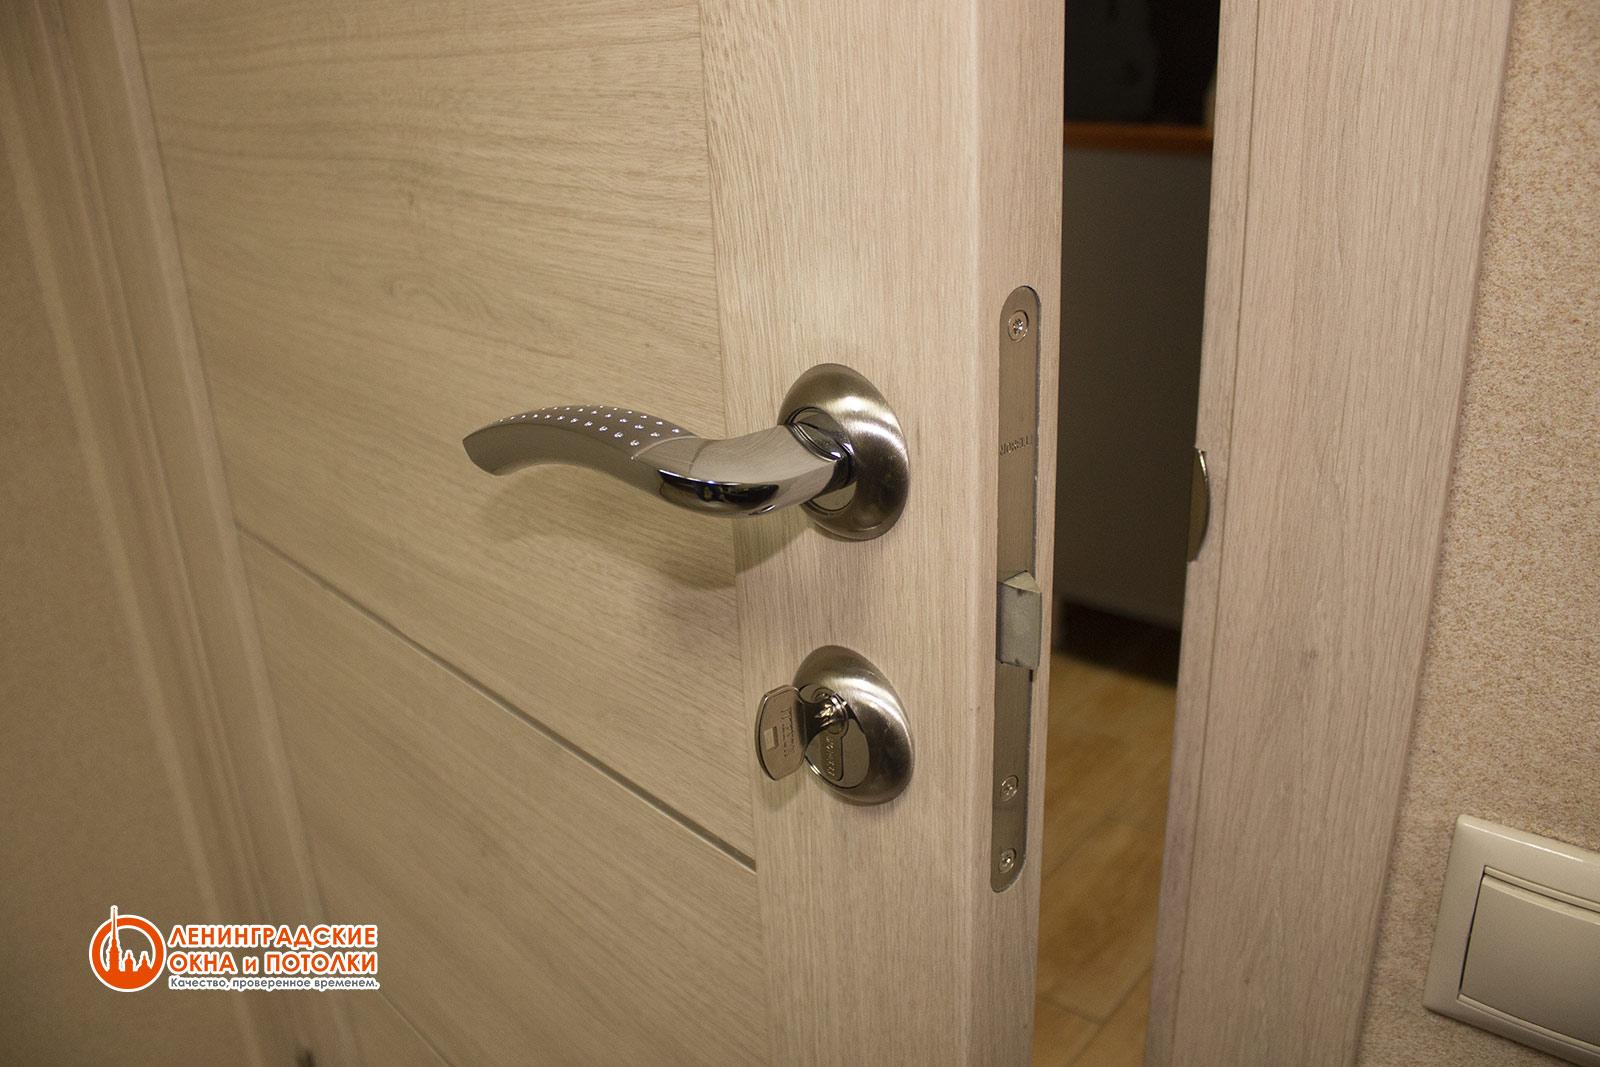 Пластиковая дверь с повышенной шумоизоляцией